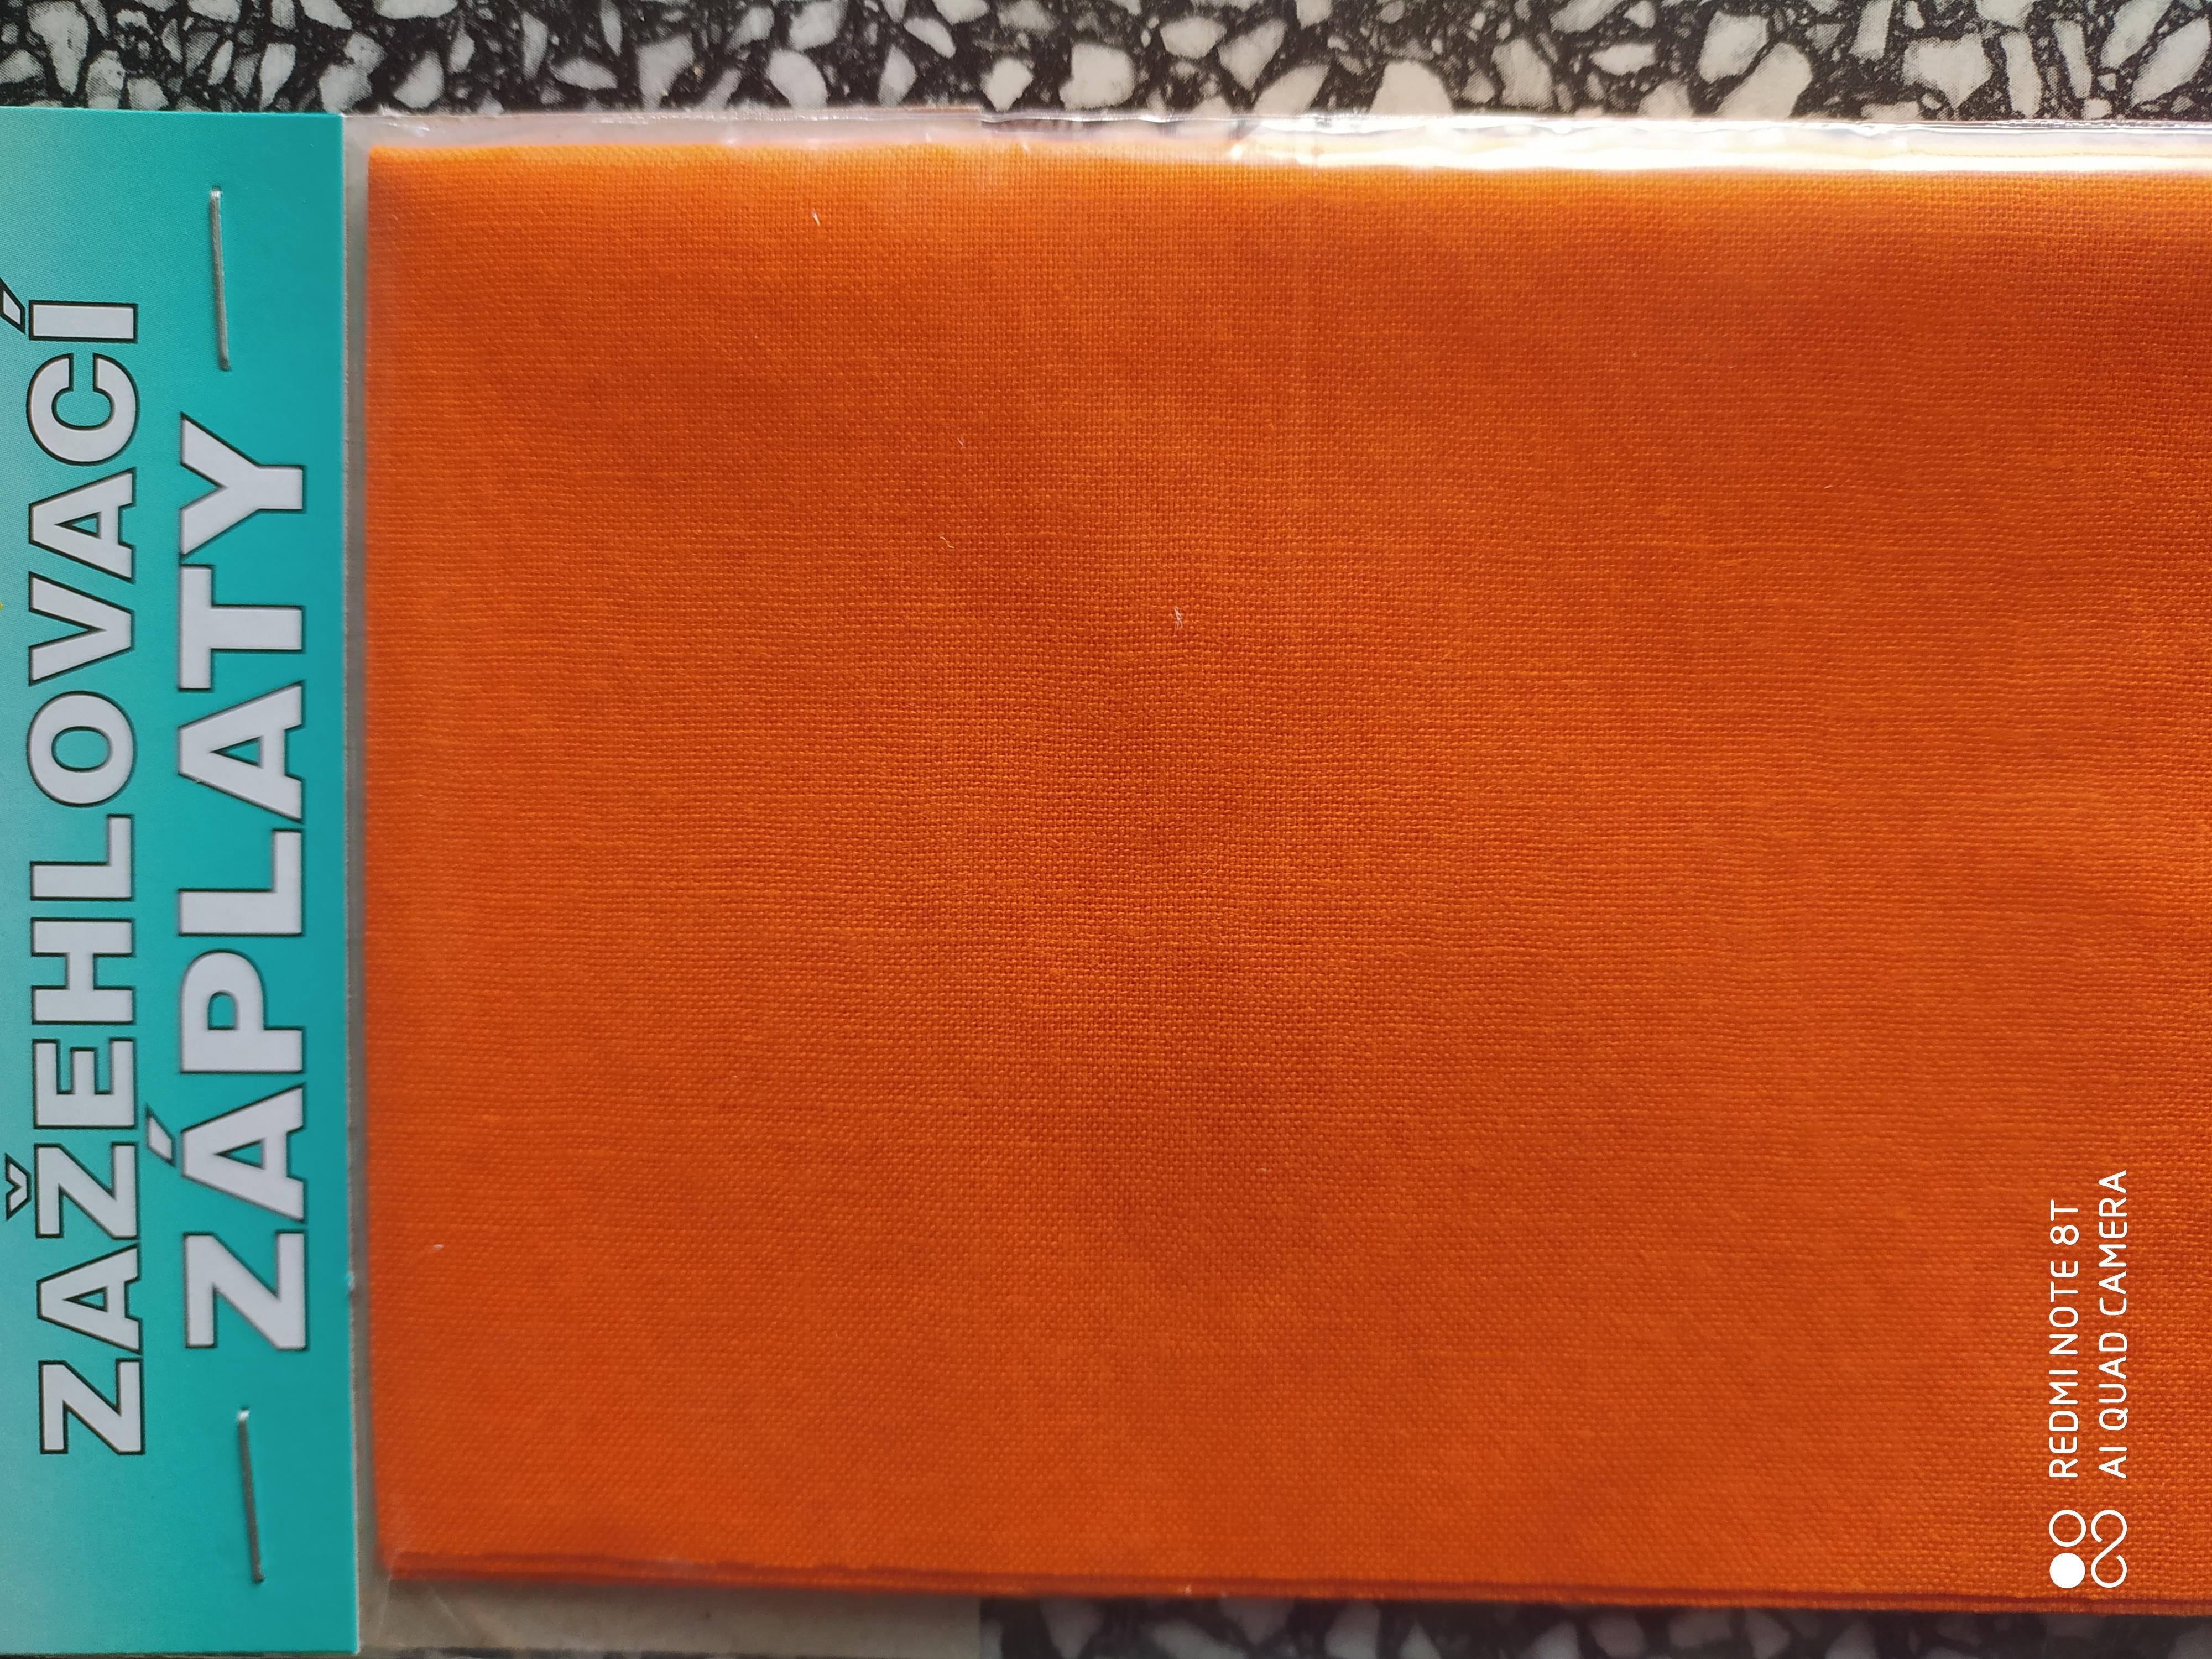 Záplaty nažehlovací oranžové